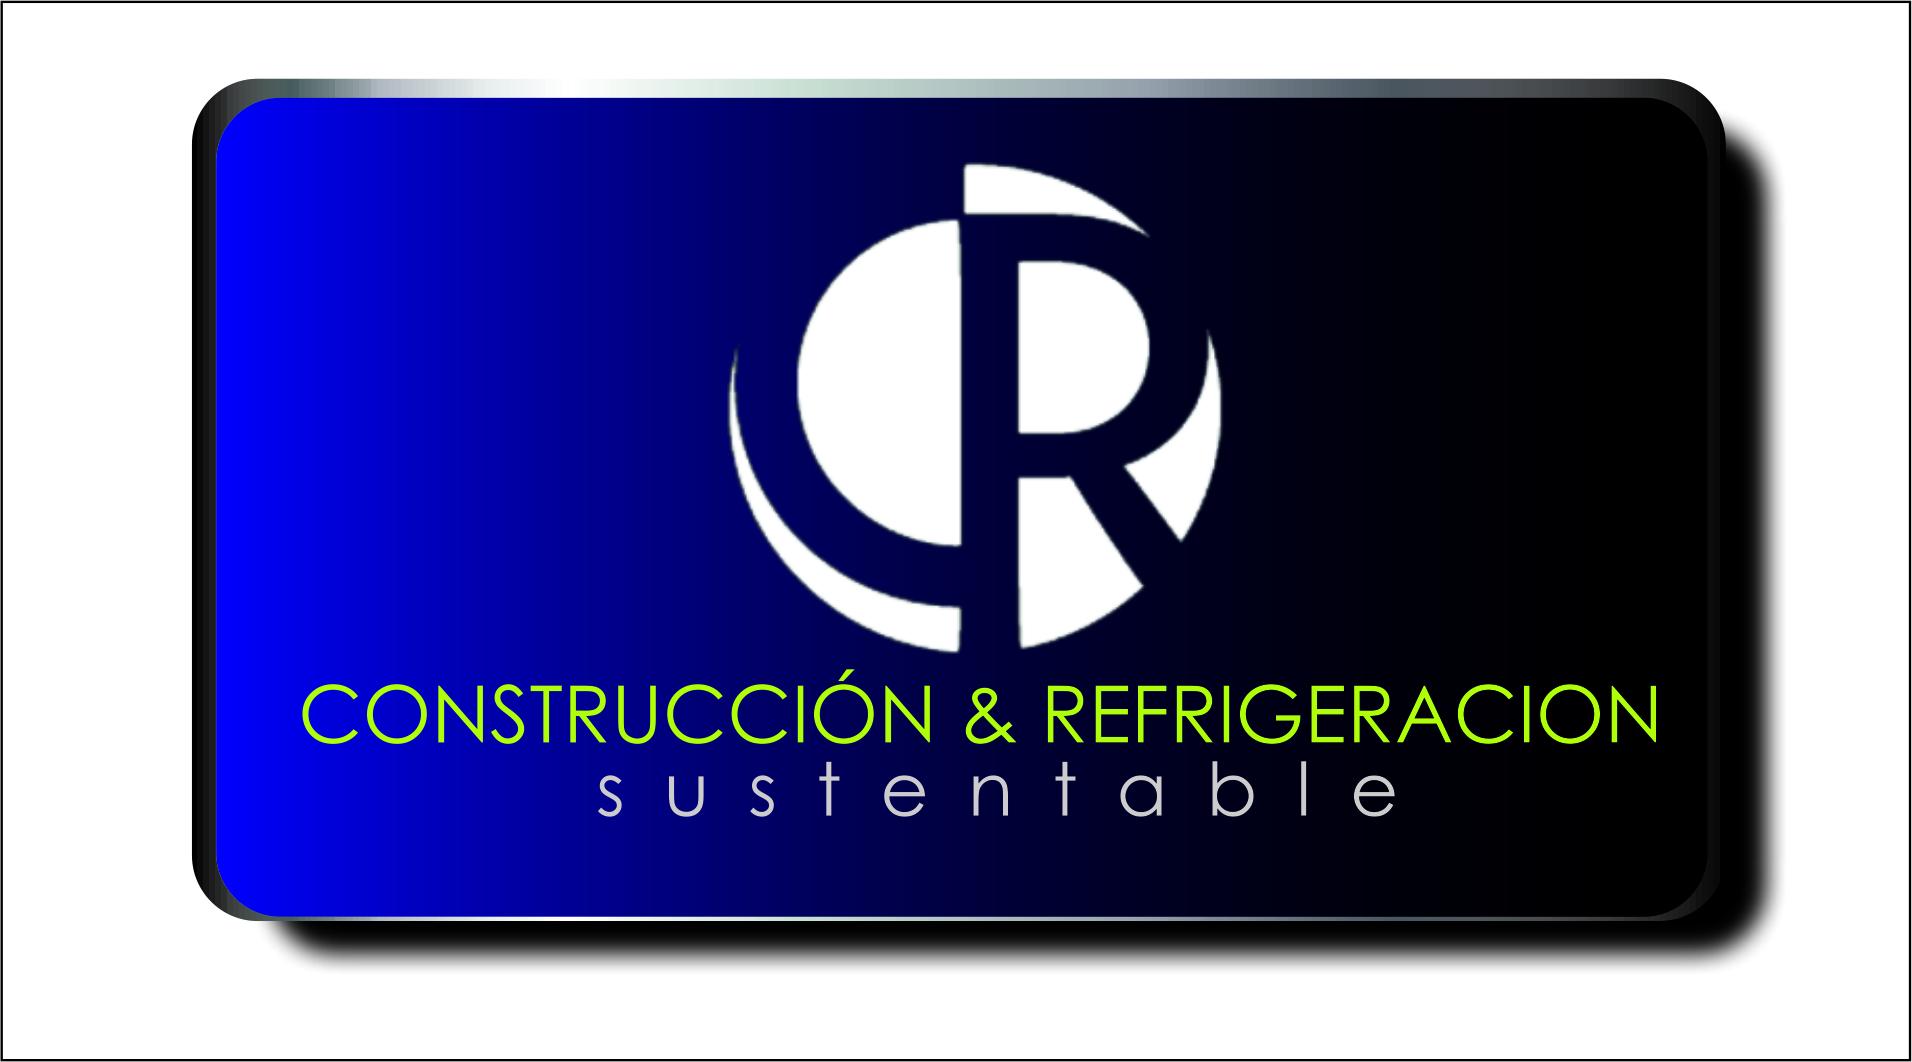 Construcciones y refrigeraciin sustentable